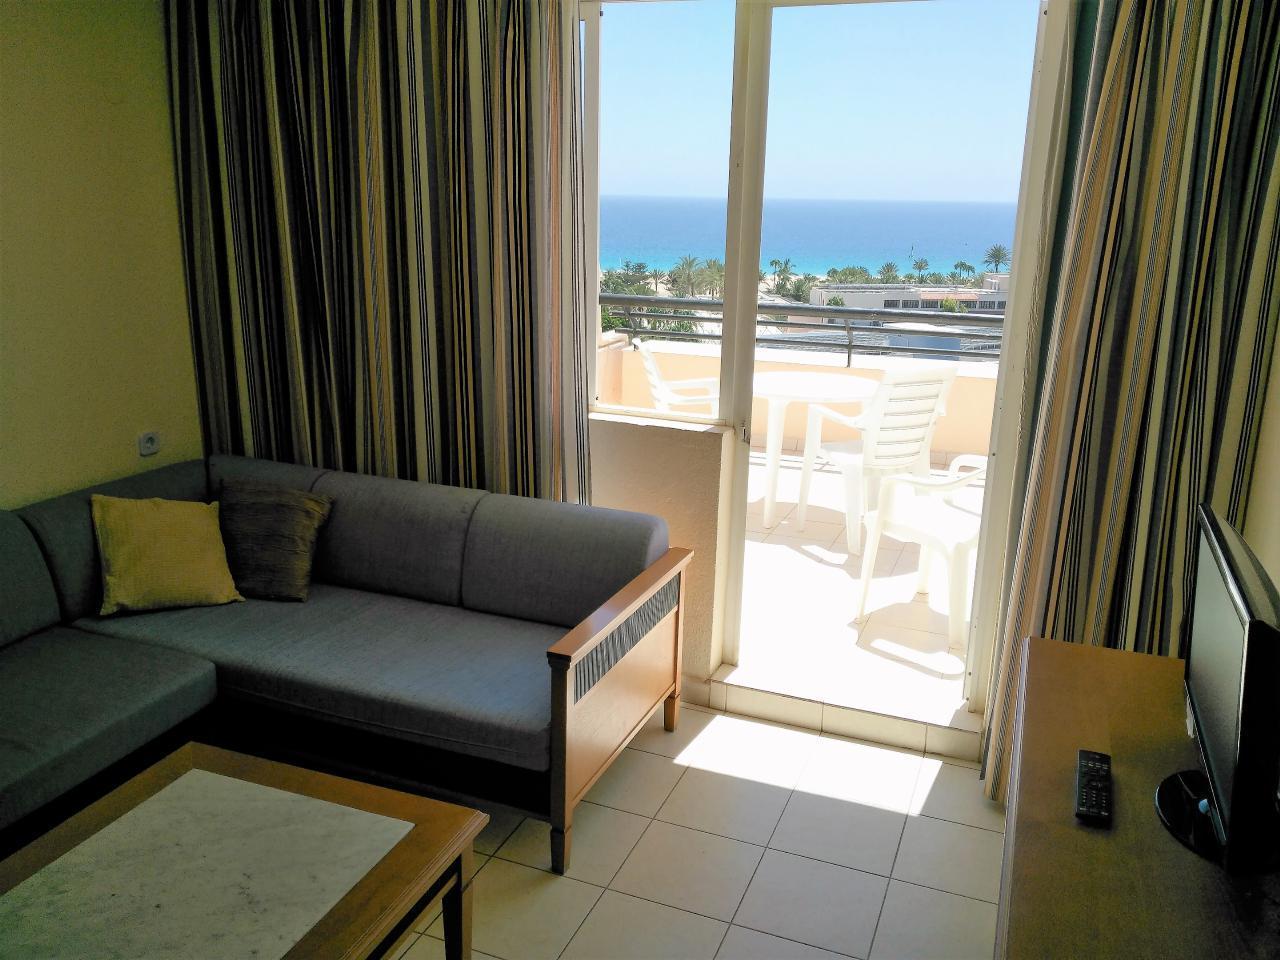 Ferienwohnung Apartment 2 / 4er Direkt am Meer, mit Blick auf den Strand, Schwimmbäder, ausgestattet. WI (634890), Morro Jable, Fuerteventura, Kanarische Inseln, Spanien, Bild 6